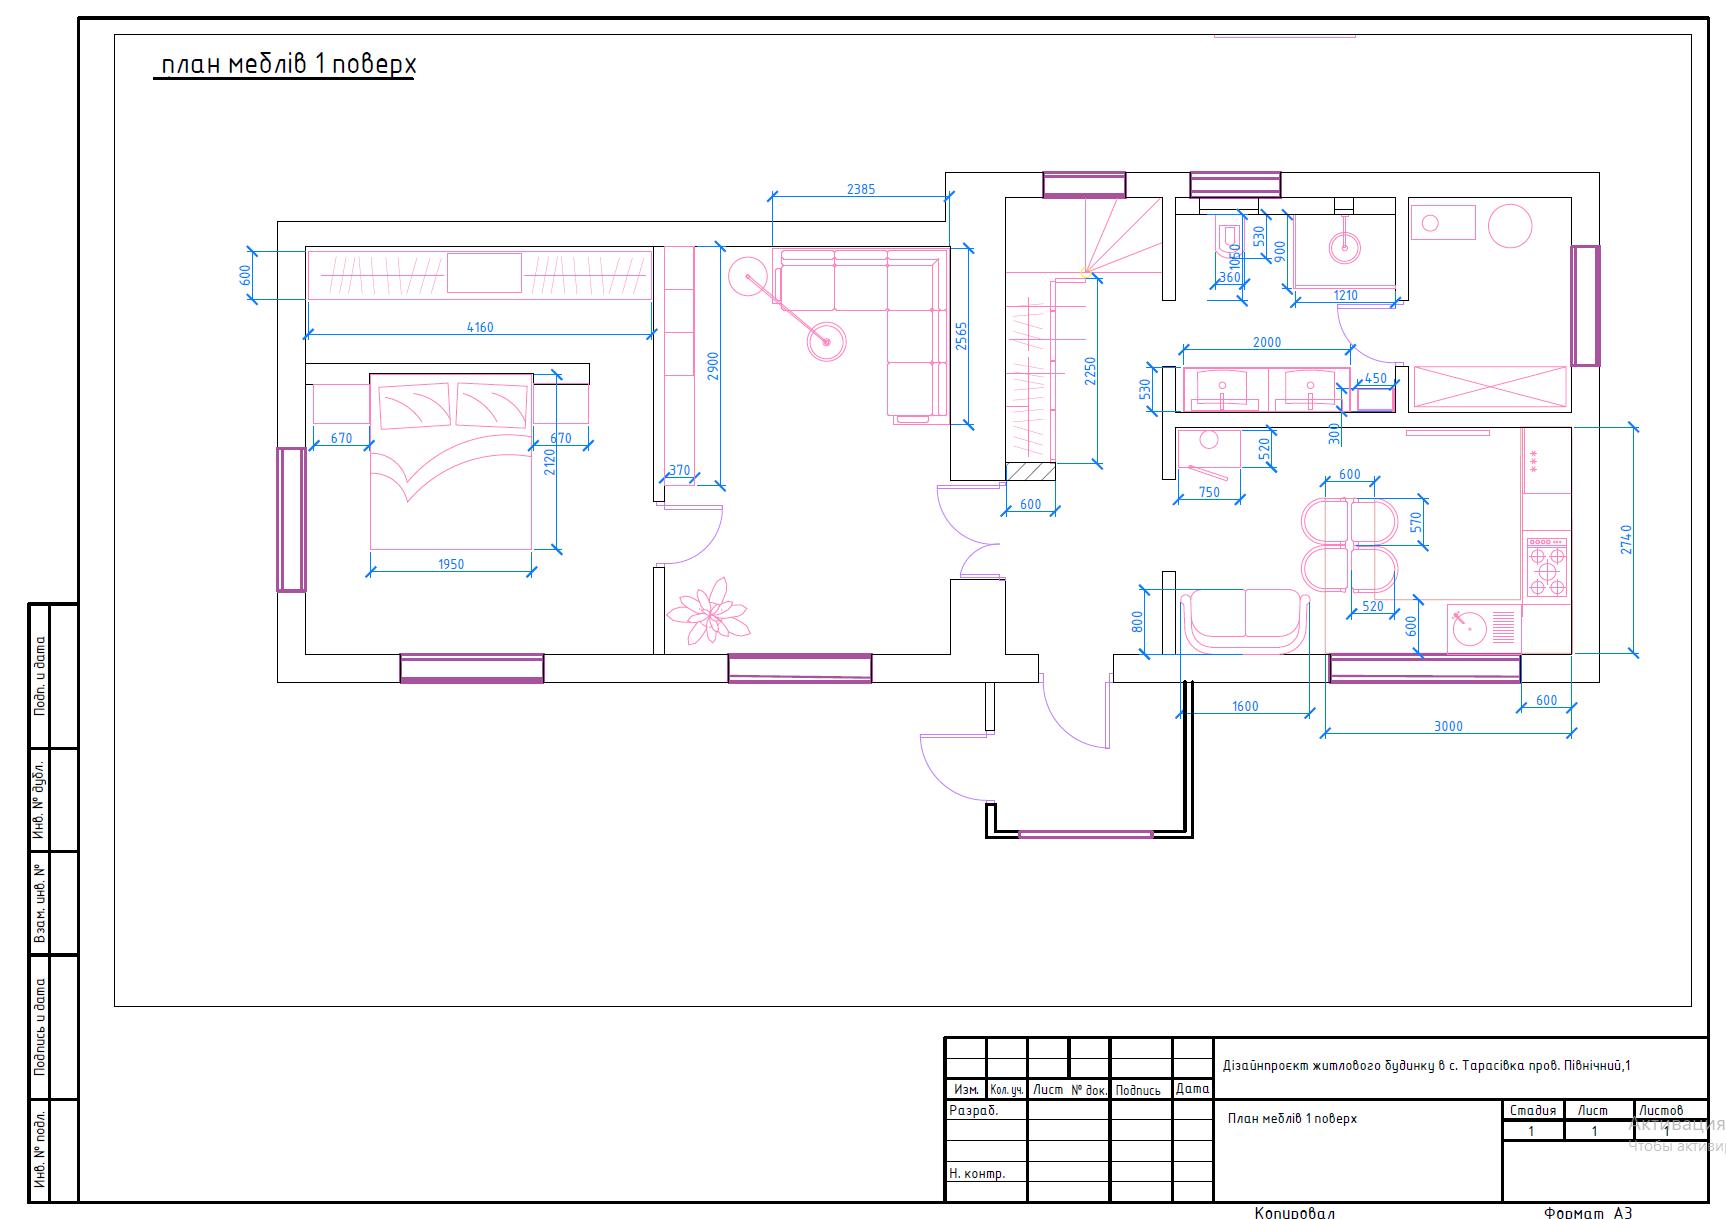 Фото Розробка нового планіровочного рішення з розстановкою меблів 1 поверх